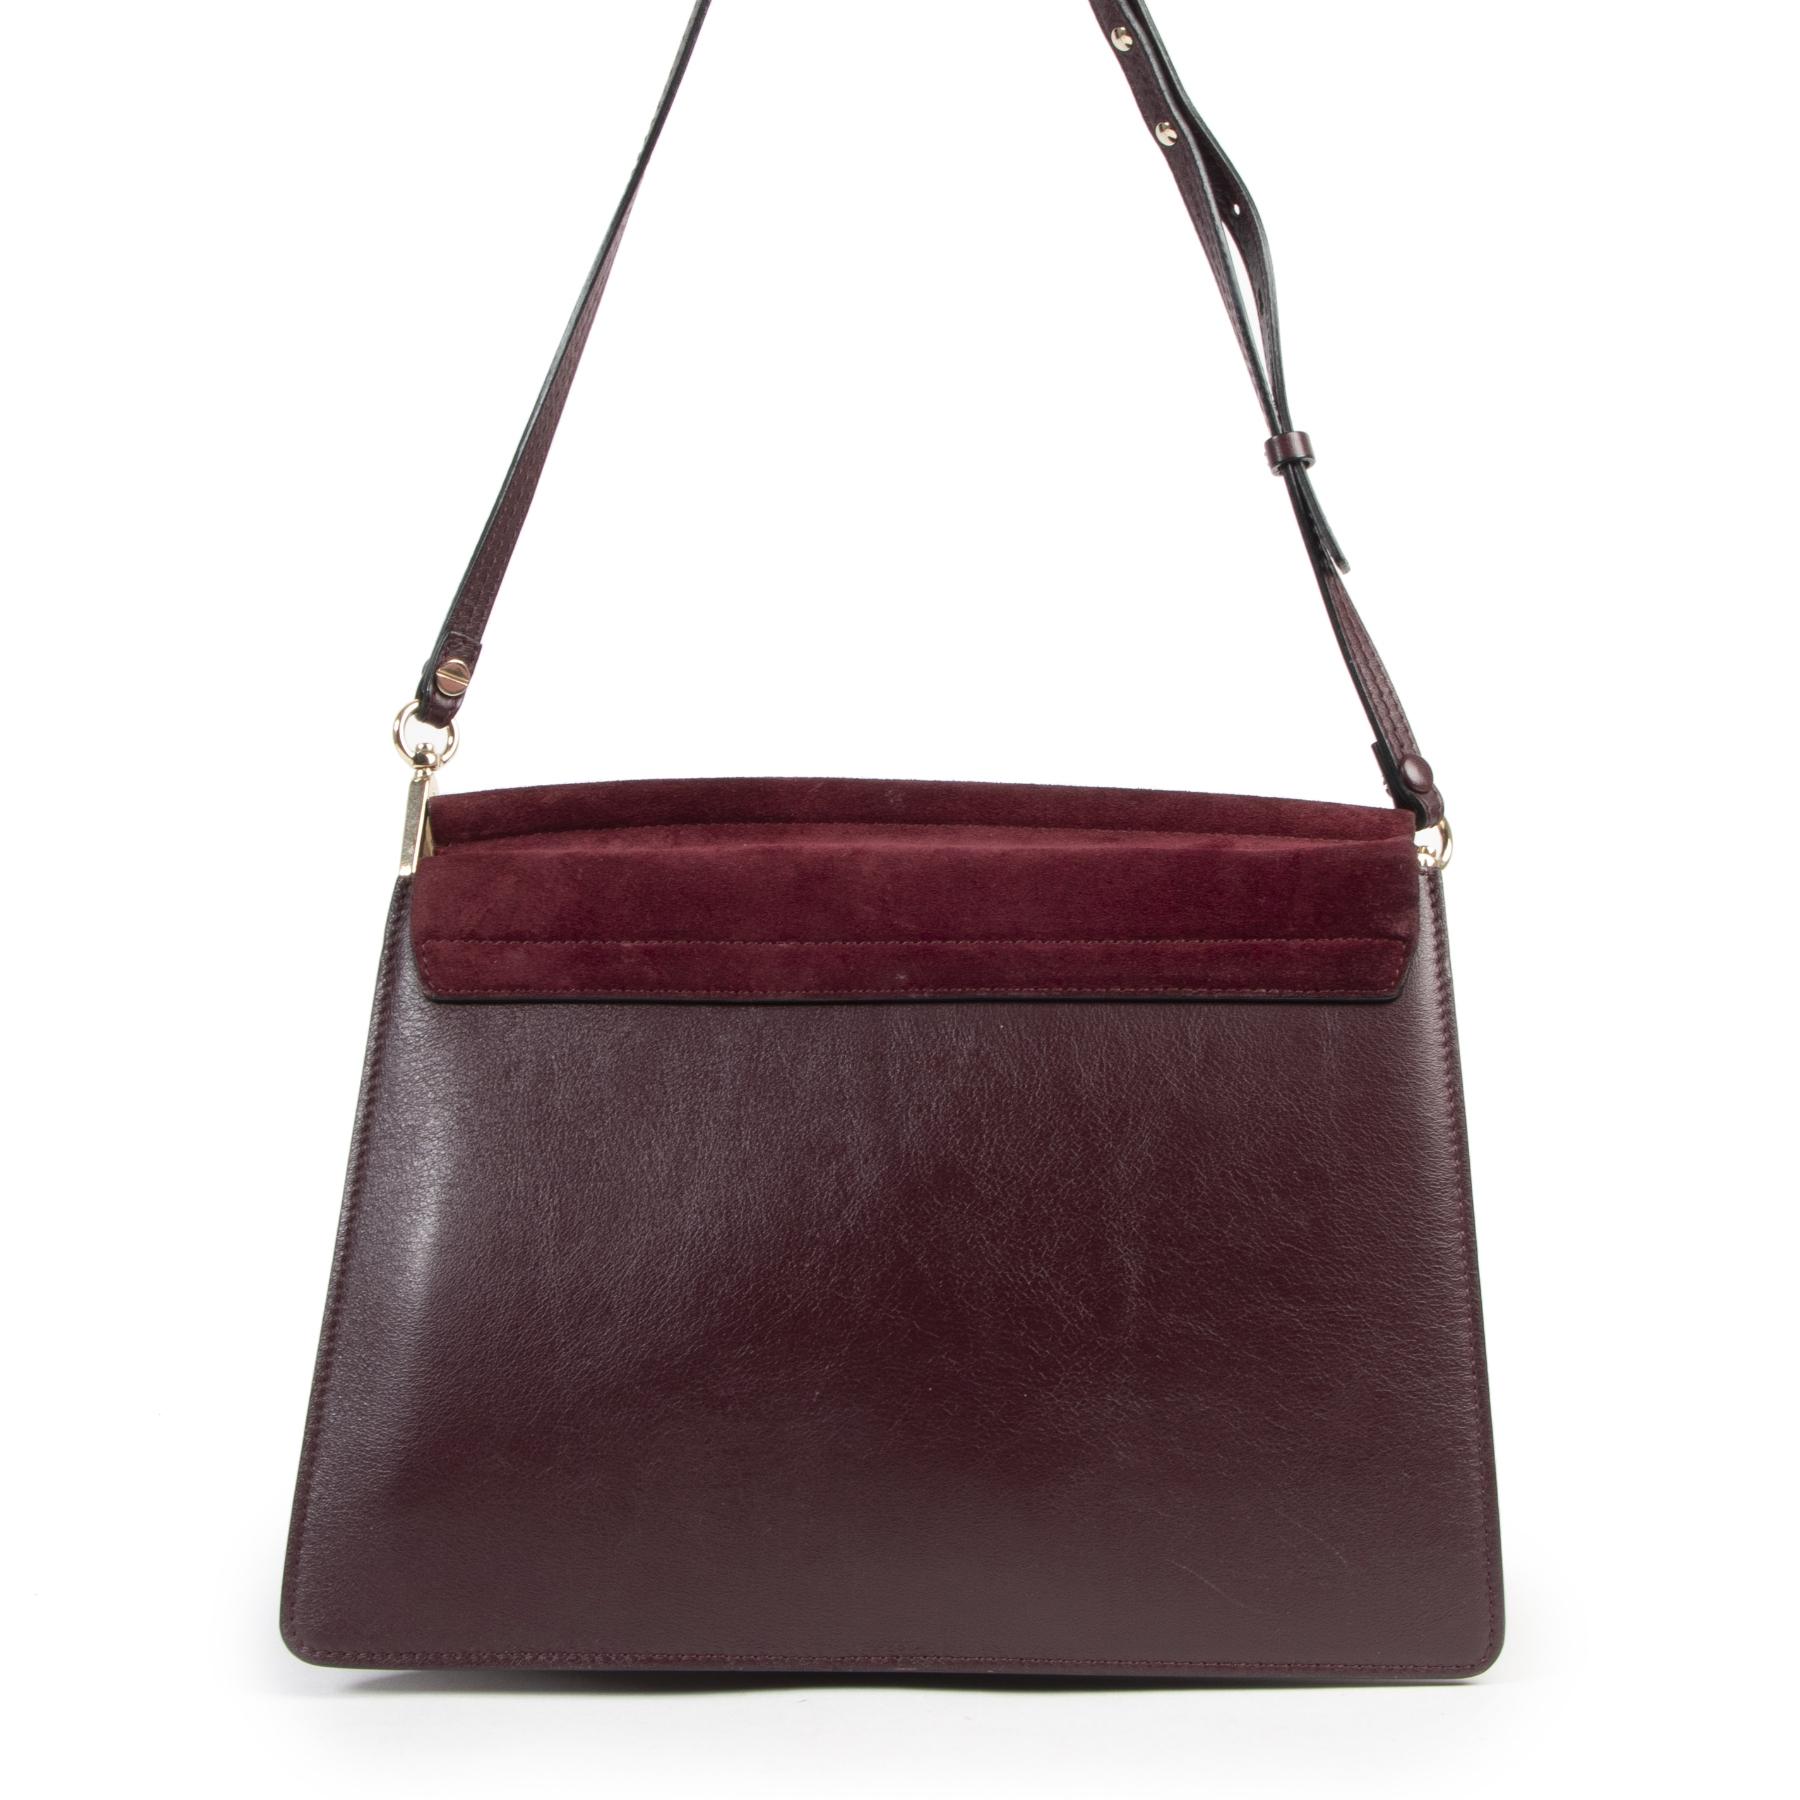 Authentieke Tweedehands Chloé Medium Purple Faye Shoulder Bag juiste prijs veilig online shoppen luxe merken webshop winkelen Antwerpen België mode fashion